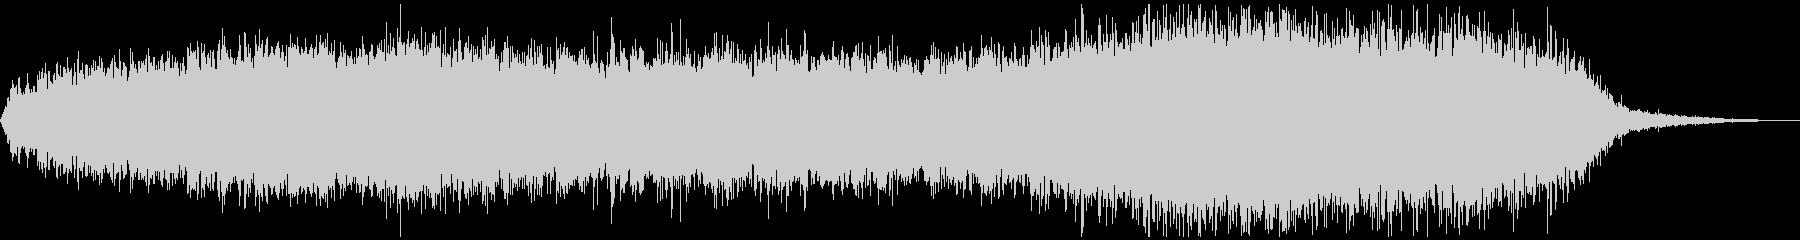 ローファイレトロ、不思議空間音楽の未再生の波形